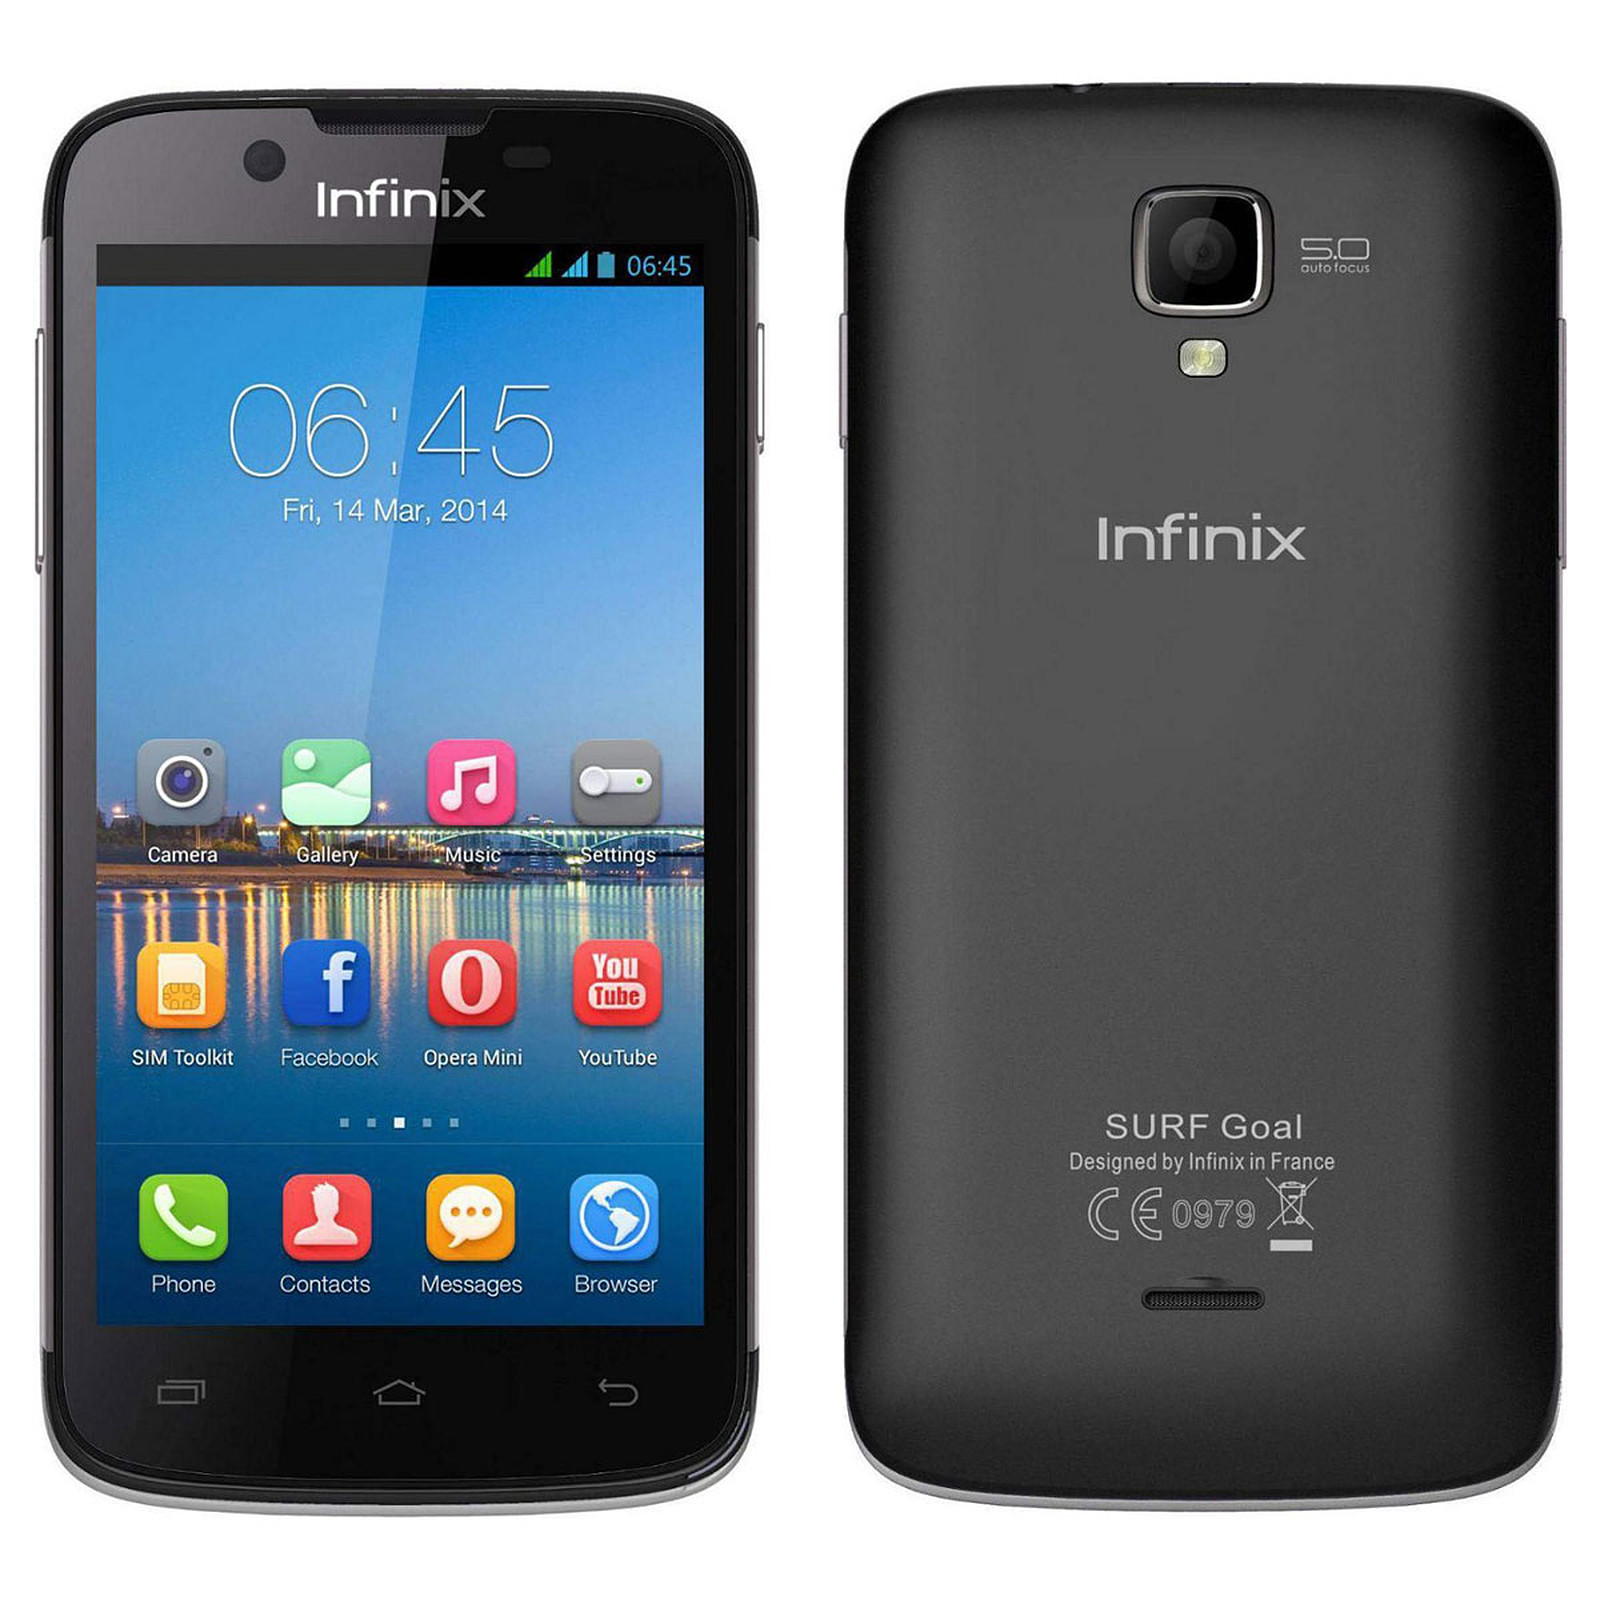 Infinix Surf X452 Noir